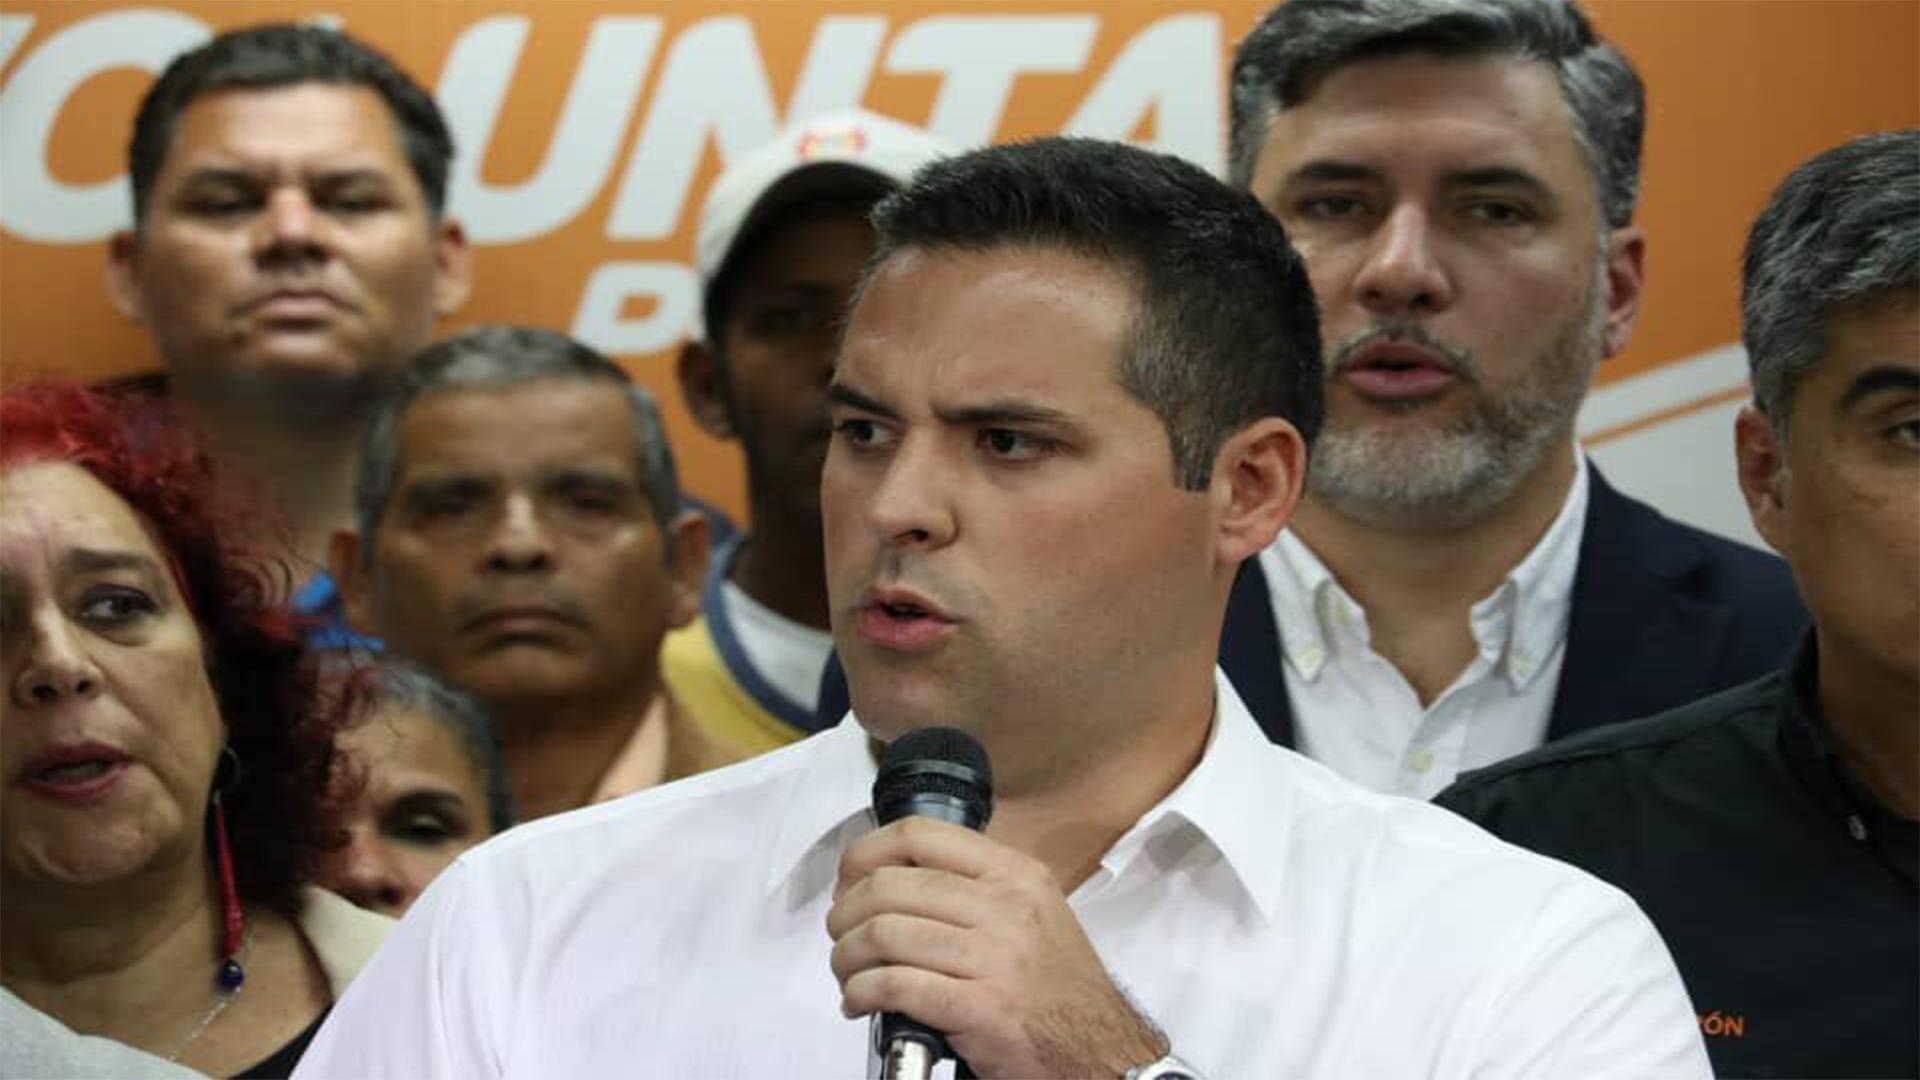 Voluntad Popular denuncia plan de compra de diputados para votar en contra de Guaidó el 5 de enero